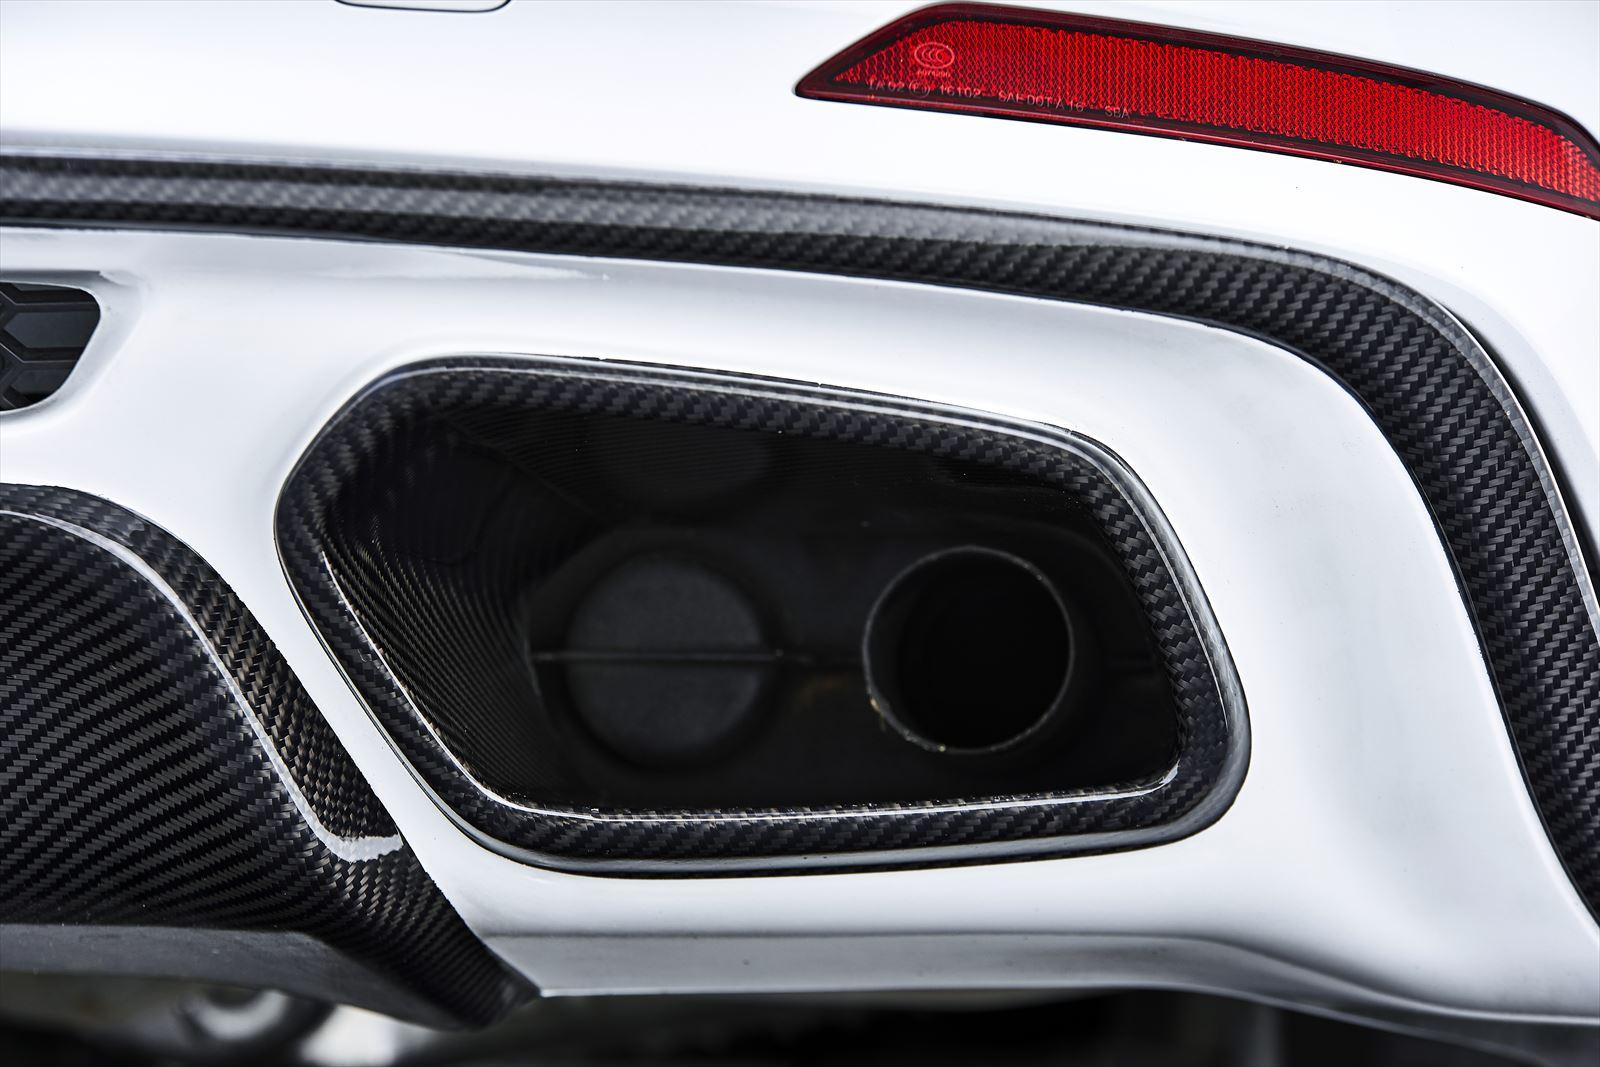 NEWING Alpil Audi S5/A5 S-Line Sportback Body Kit